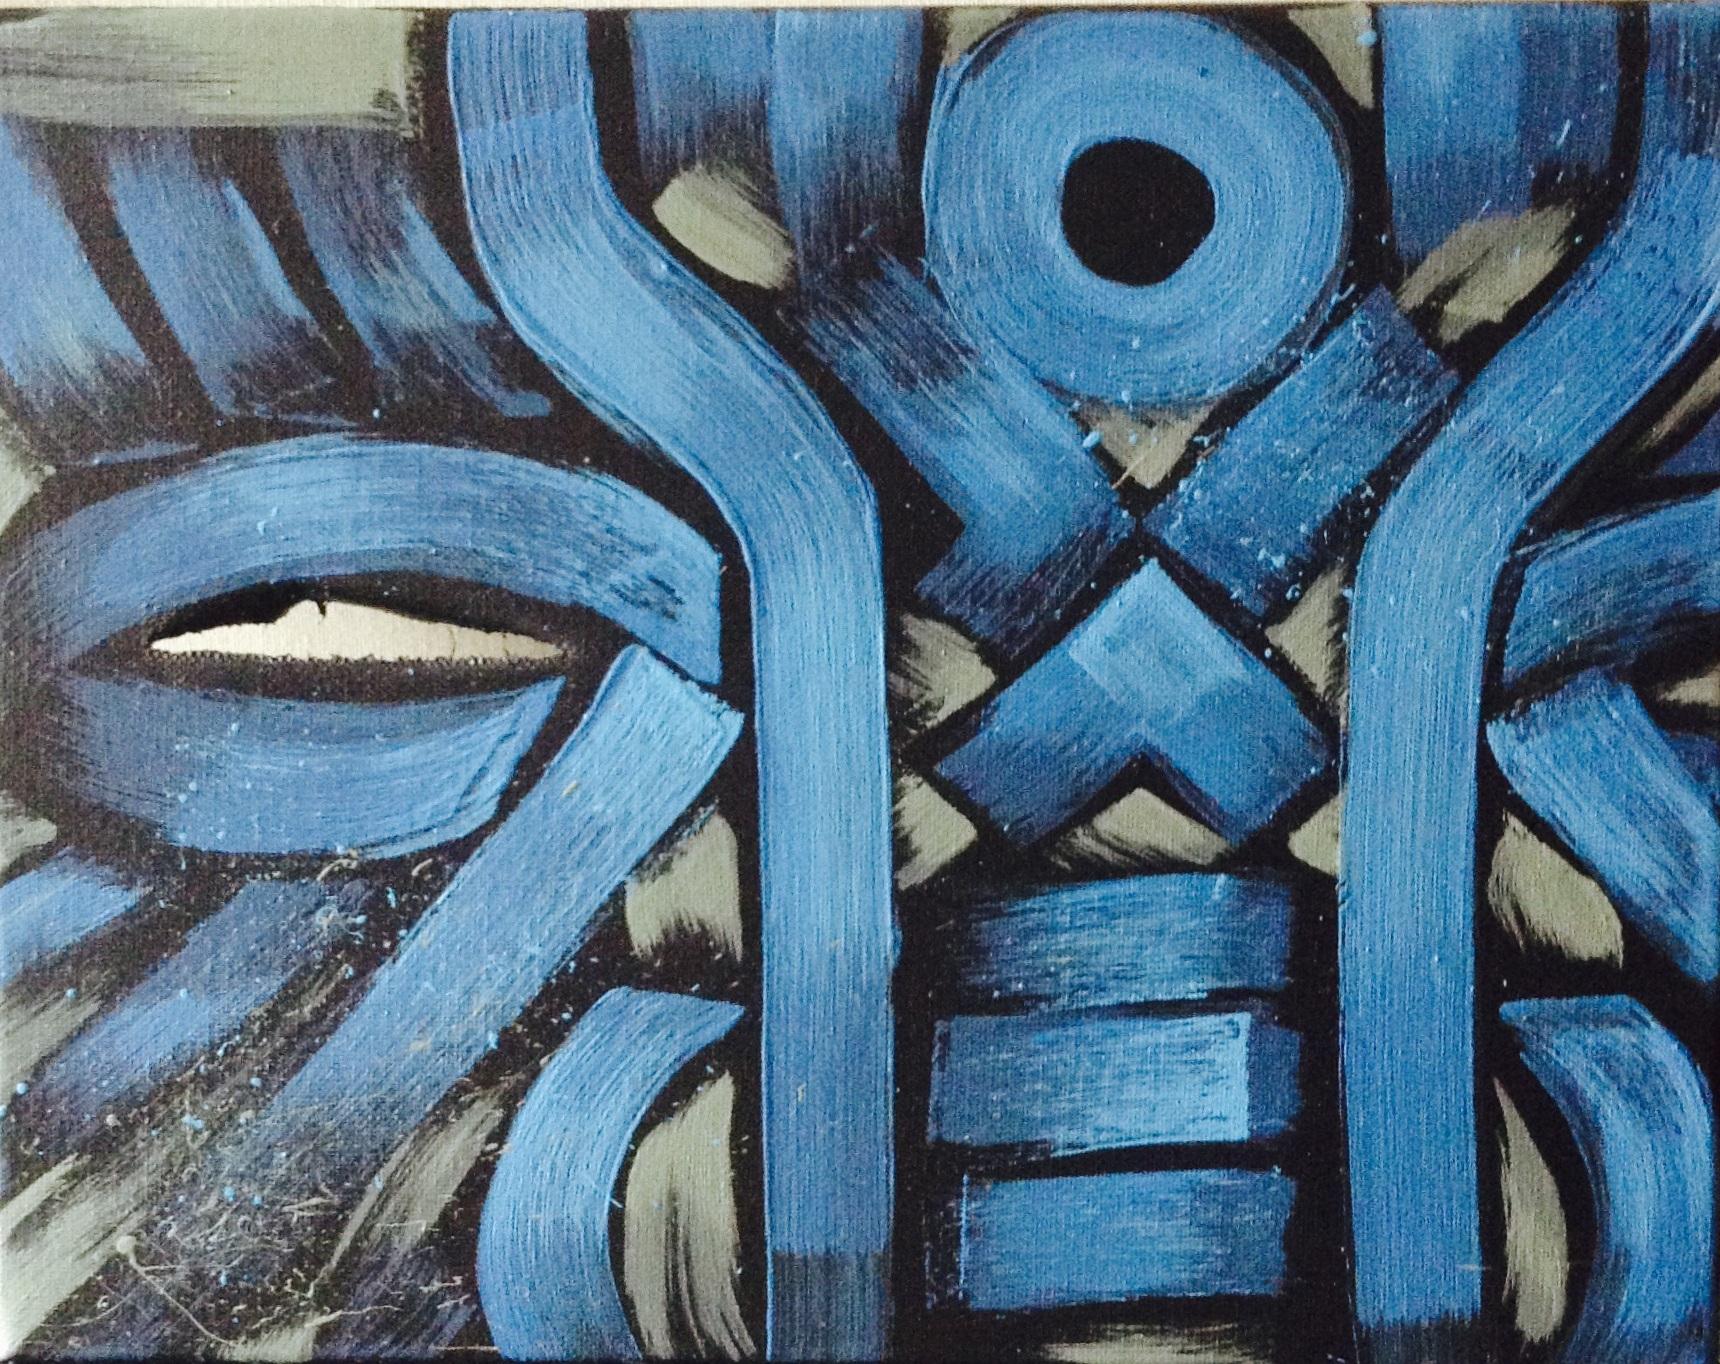 Acrylic on canvas, 2015